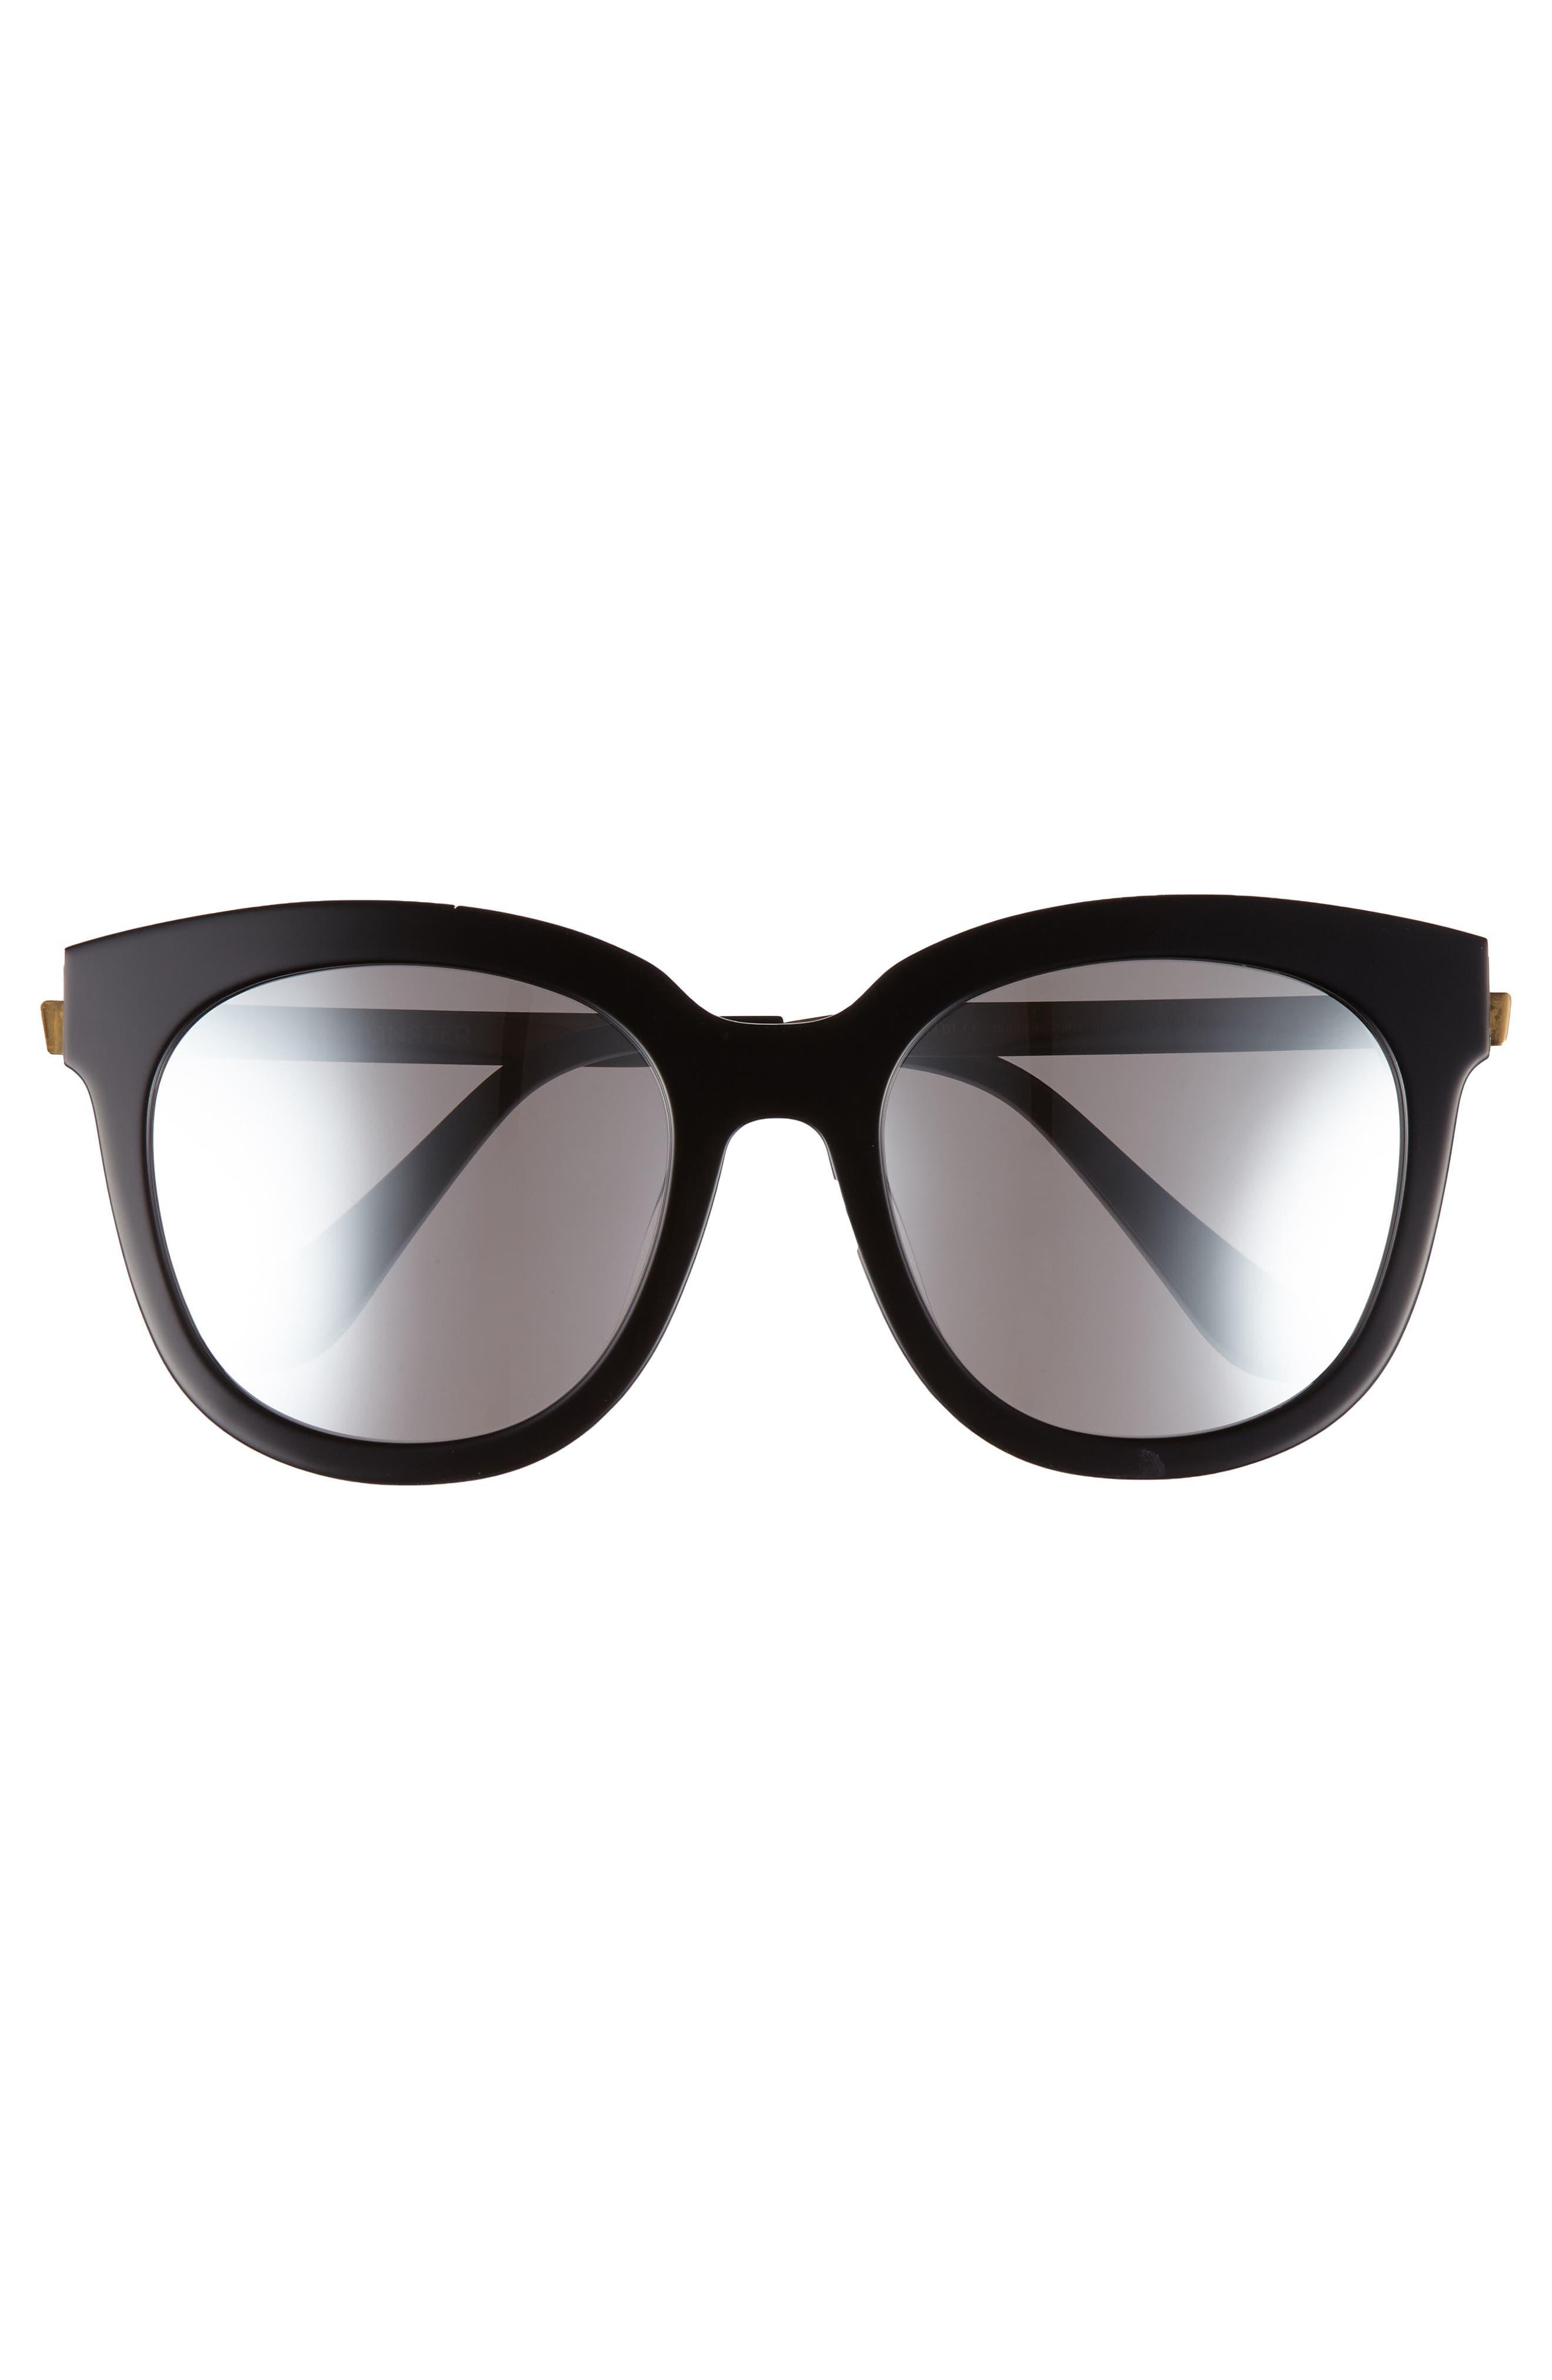 Cuba 503 55mm Zeiss Lens Sunglasses,                             Alternate thumbnail 3, color,                             001